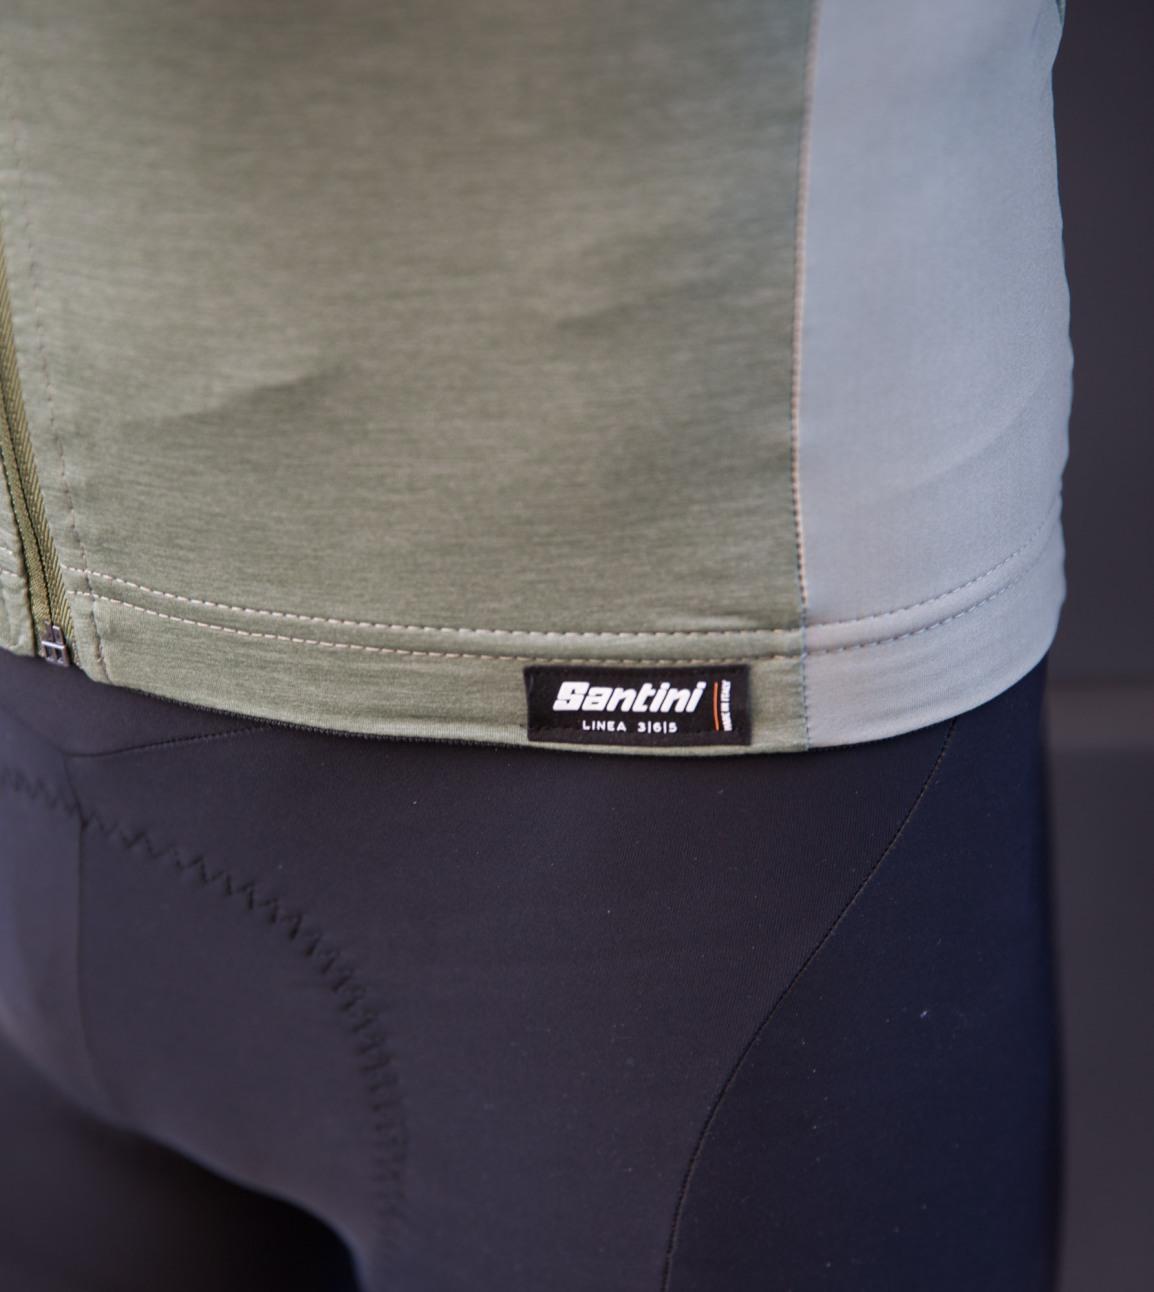 Santini Redux bib + Classe top - triallan - cyling gear-5